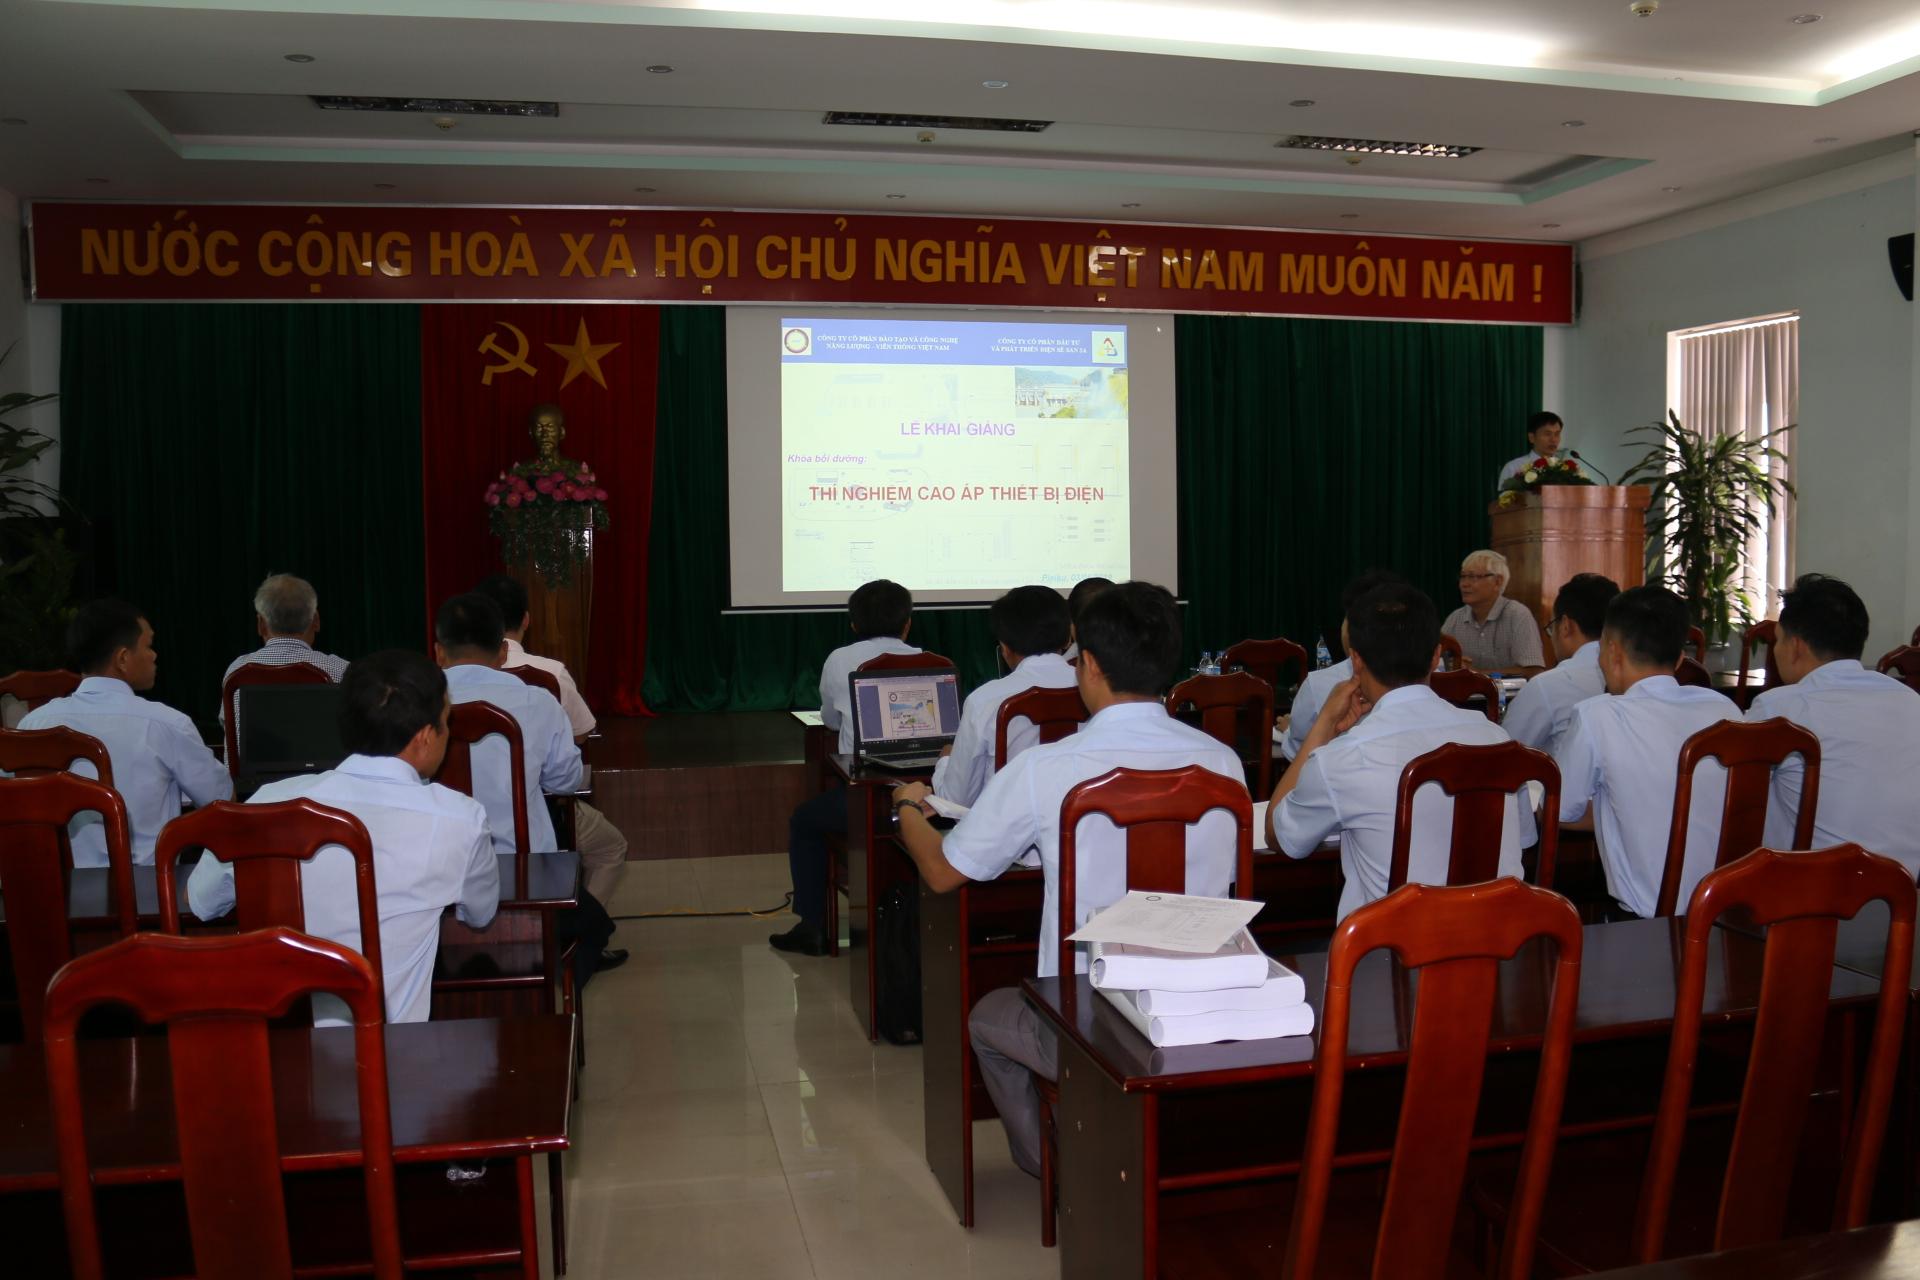 Sê San 3A tổ chức khóa bồi dưỡng công tác thí nghiệm thiết bị điện cao áp